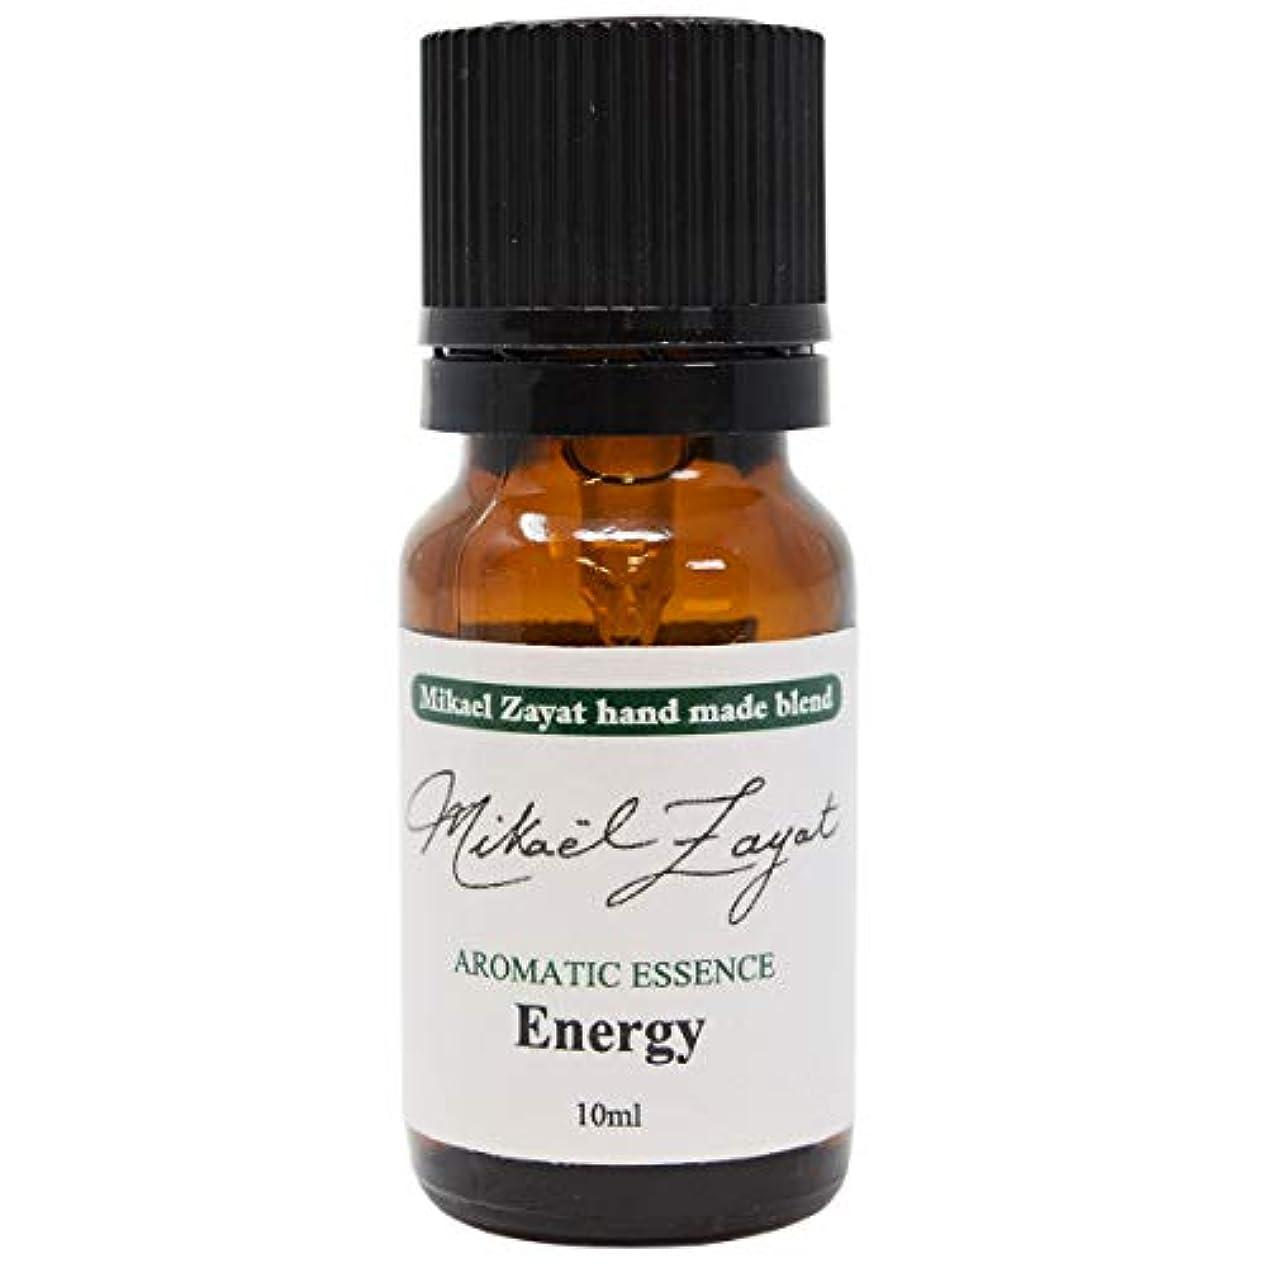 ミカエルザヤット エナジー Energy 10ml Mikael Zayat hand made blend